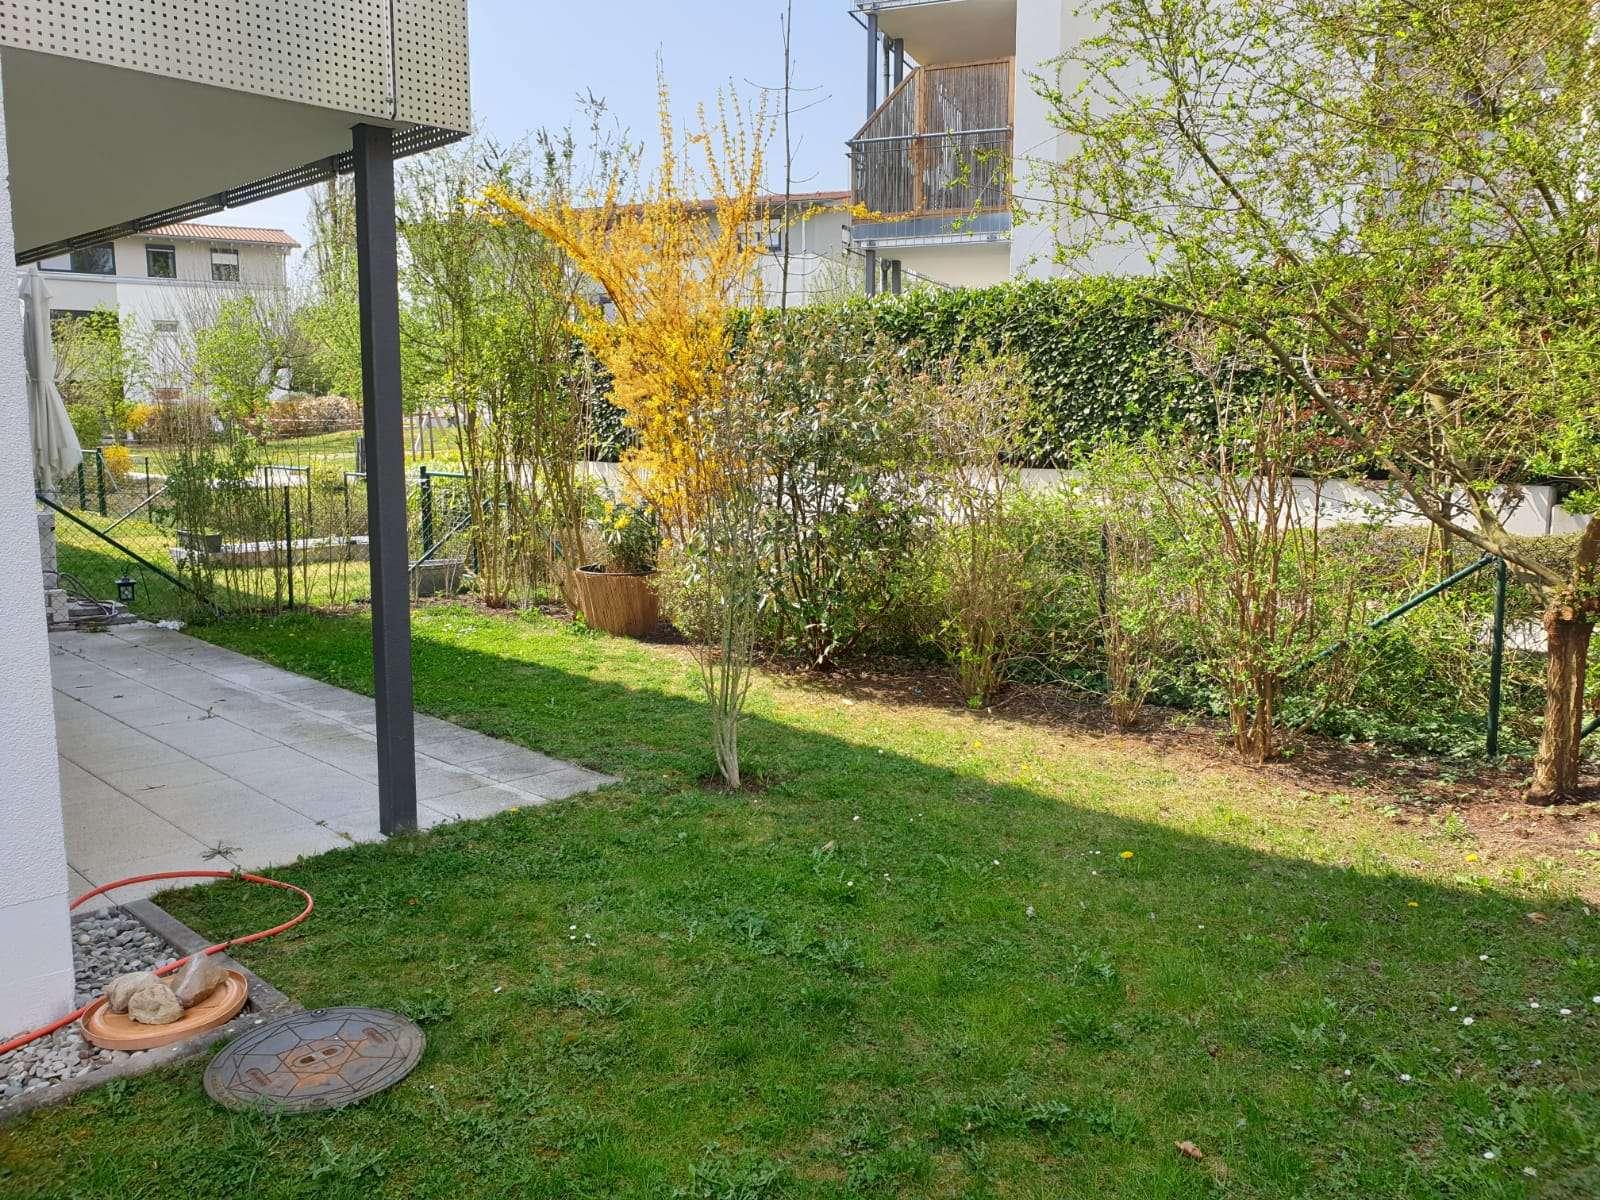 Ruhige Erdgeschosswohnung mit zwei Zimmern, Terrasse und Garten in Neuburg, zentrale Lage in